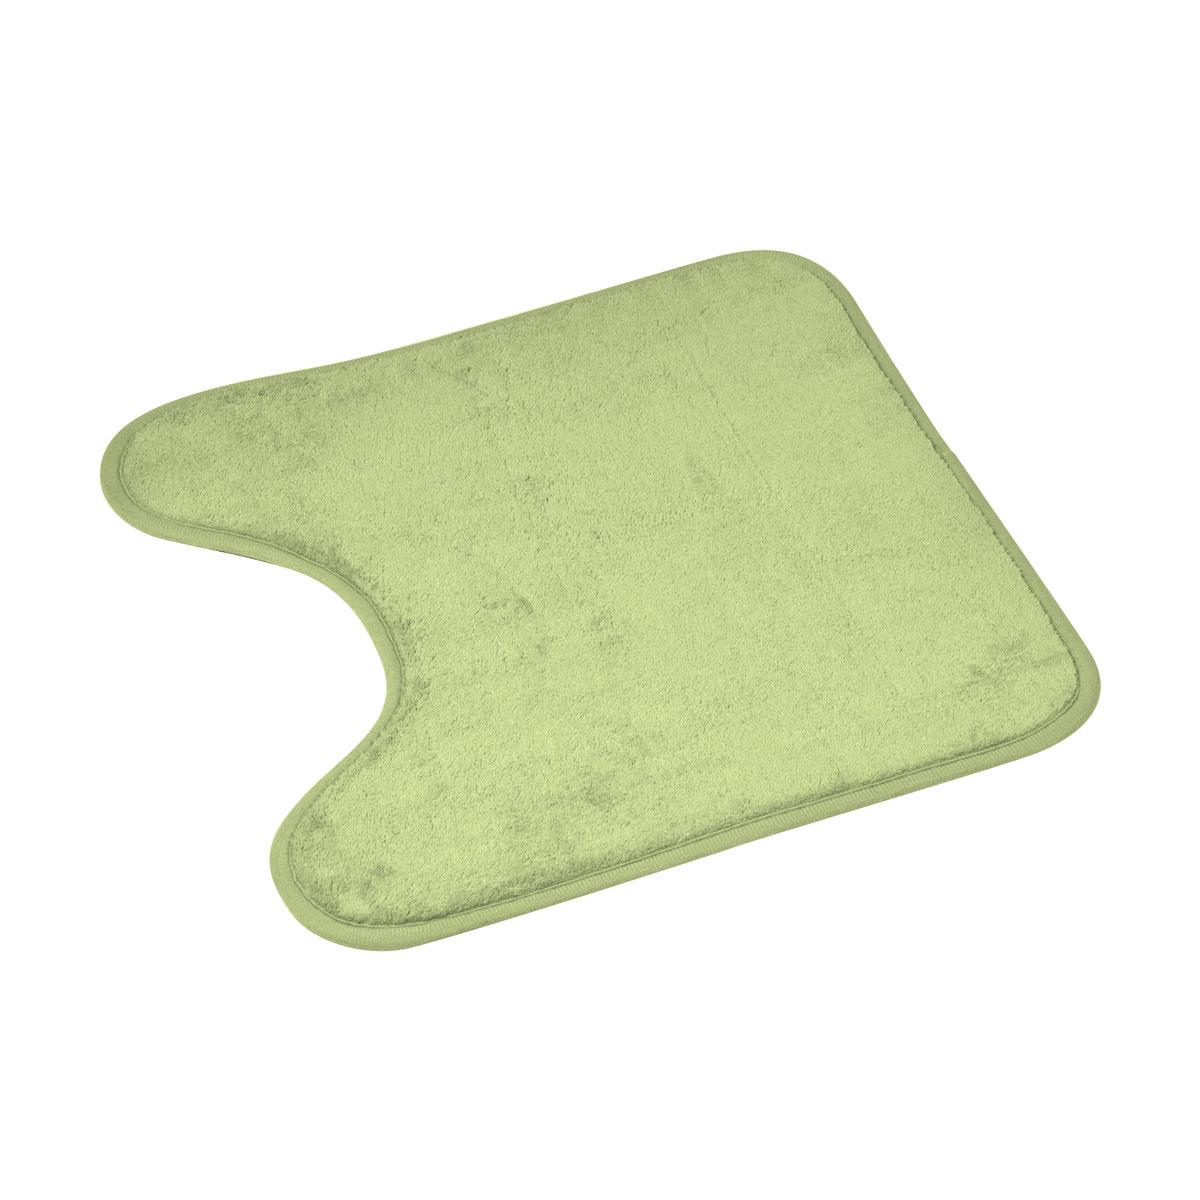 Πατάκι Λεκάνης (45×45) L-C Vitamine Wasabi 6GMB268WB